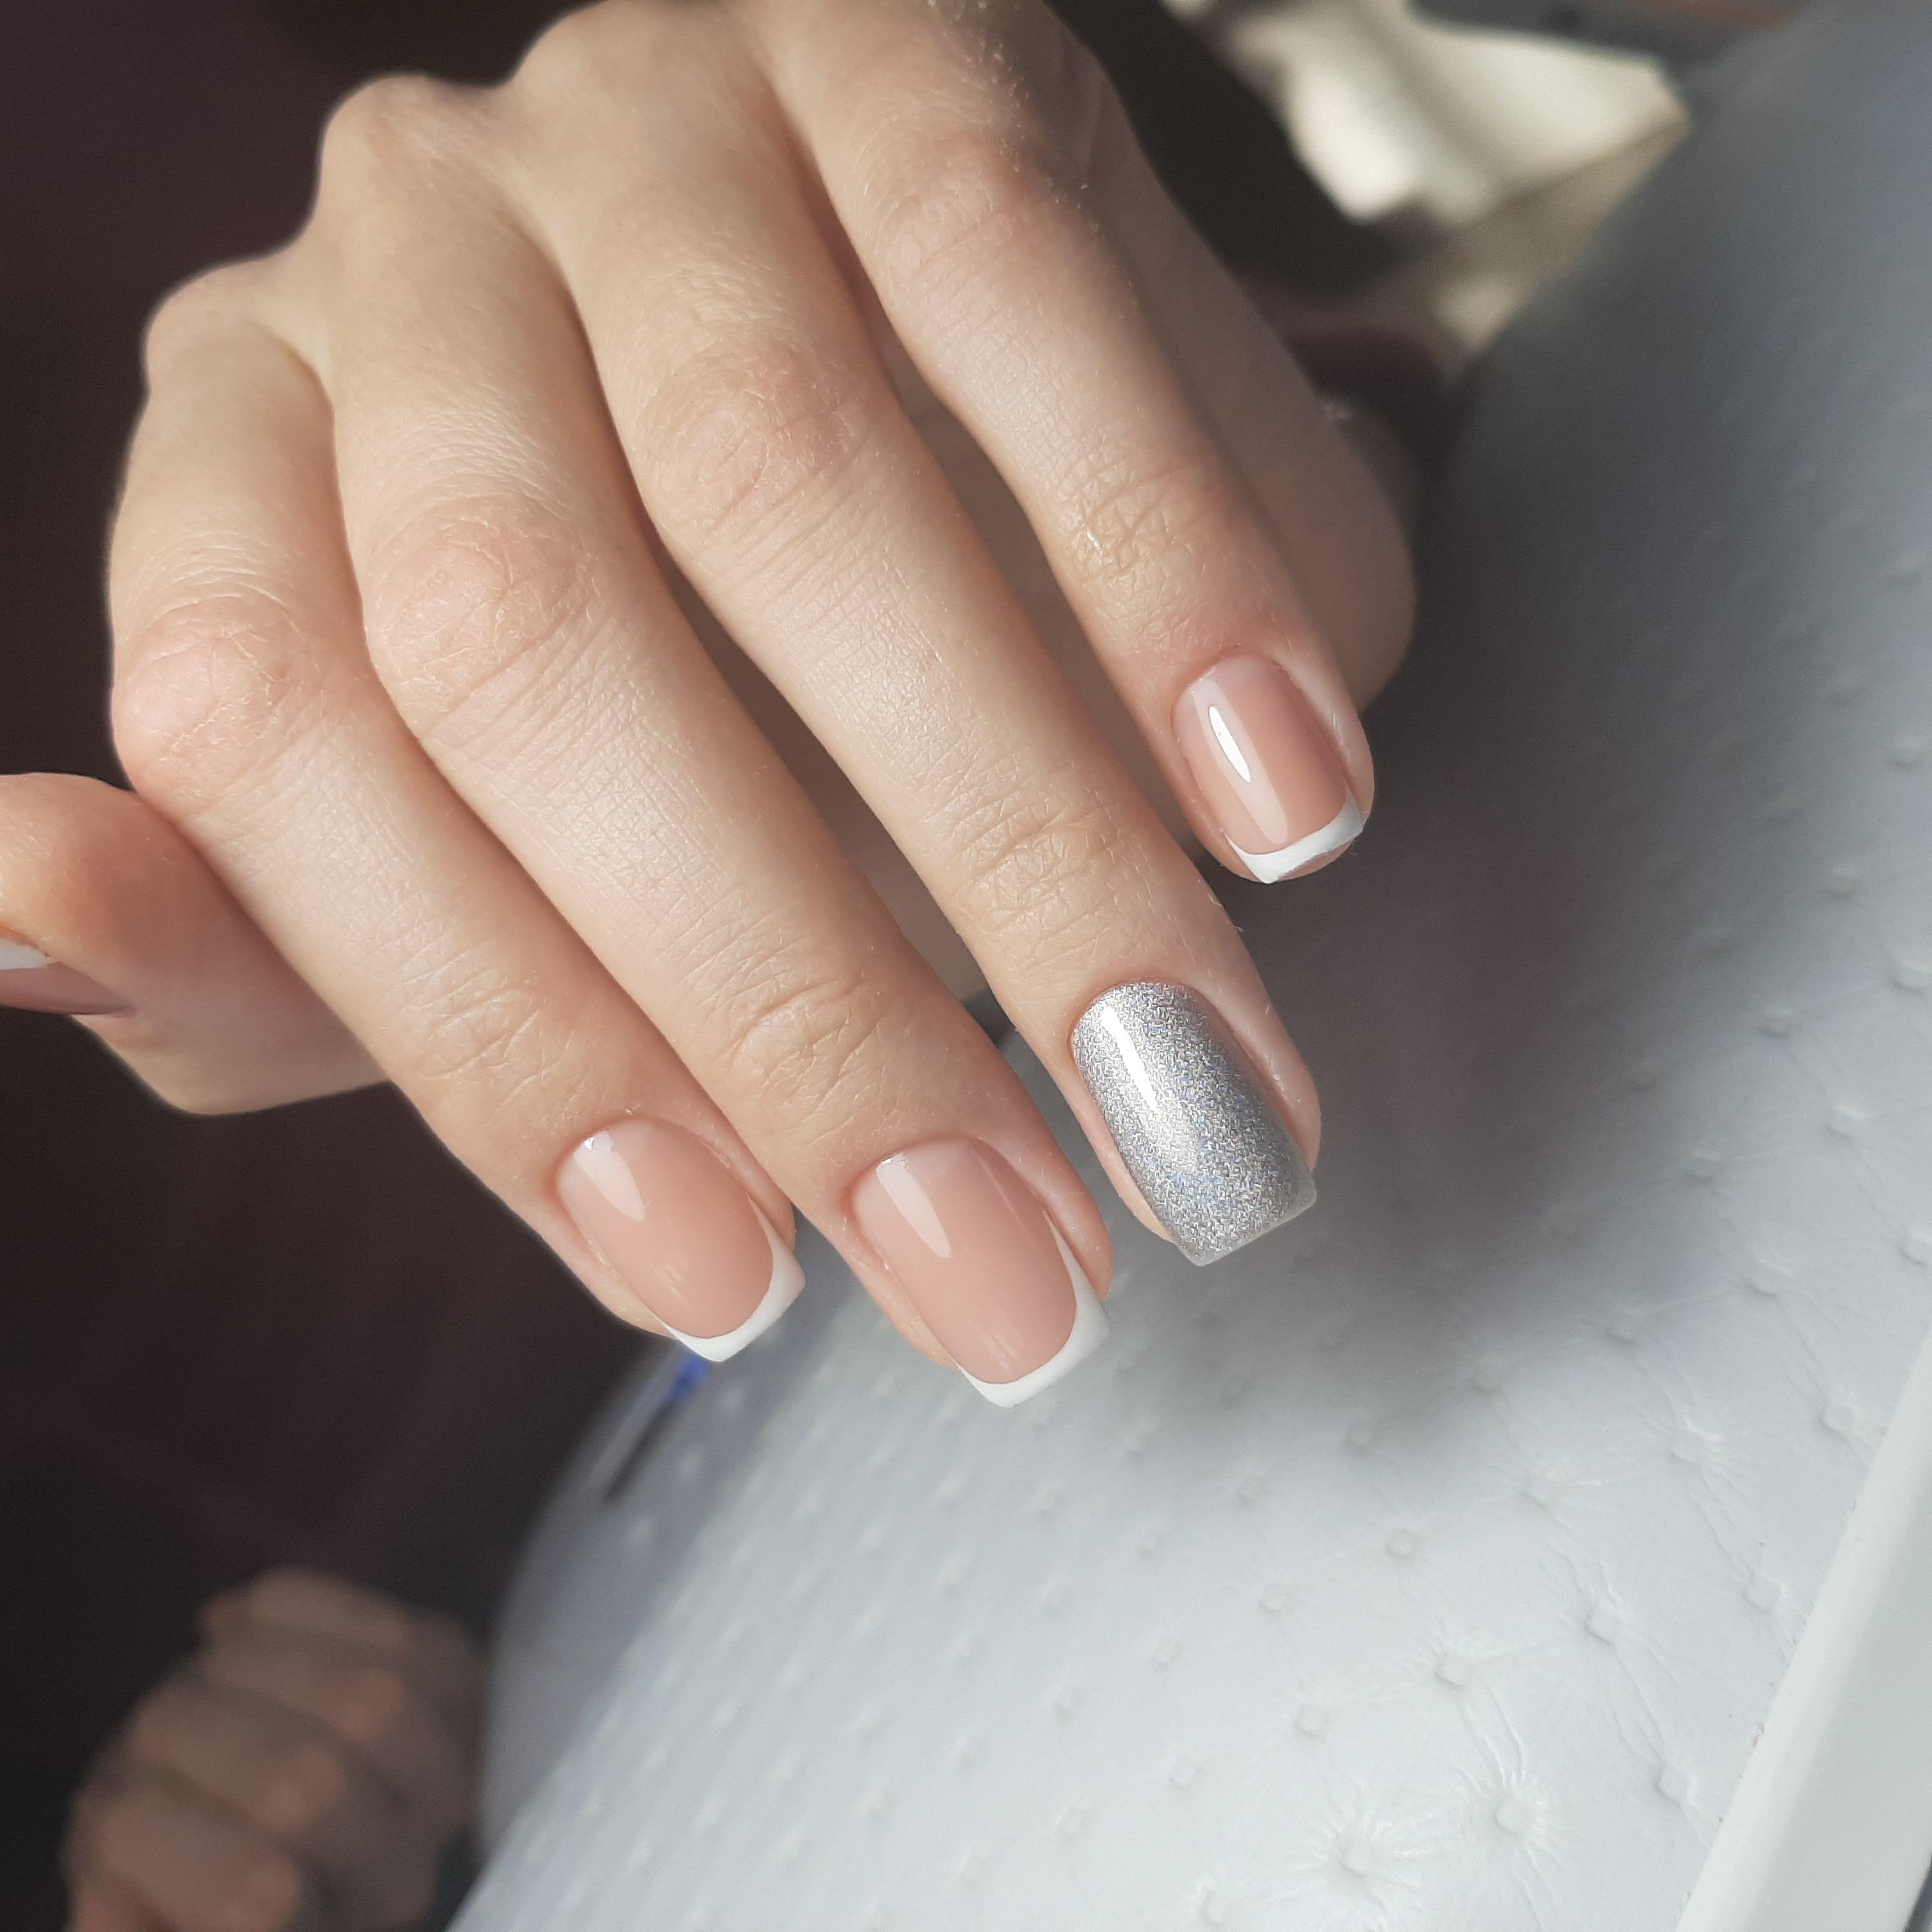 Классический французский маникюр с серебряной втиркой.